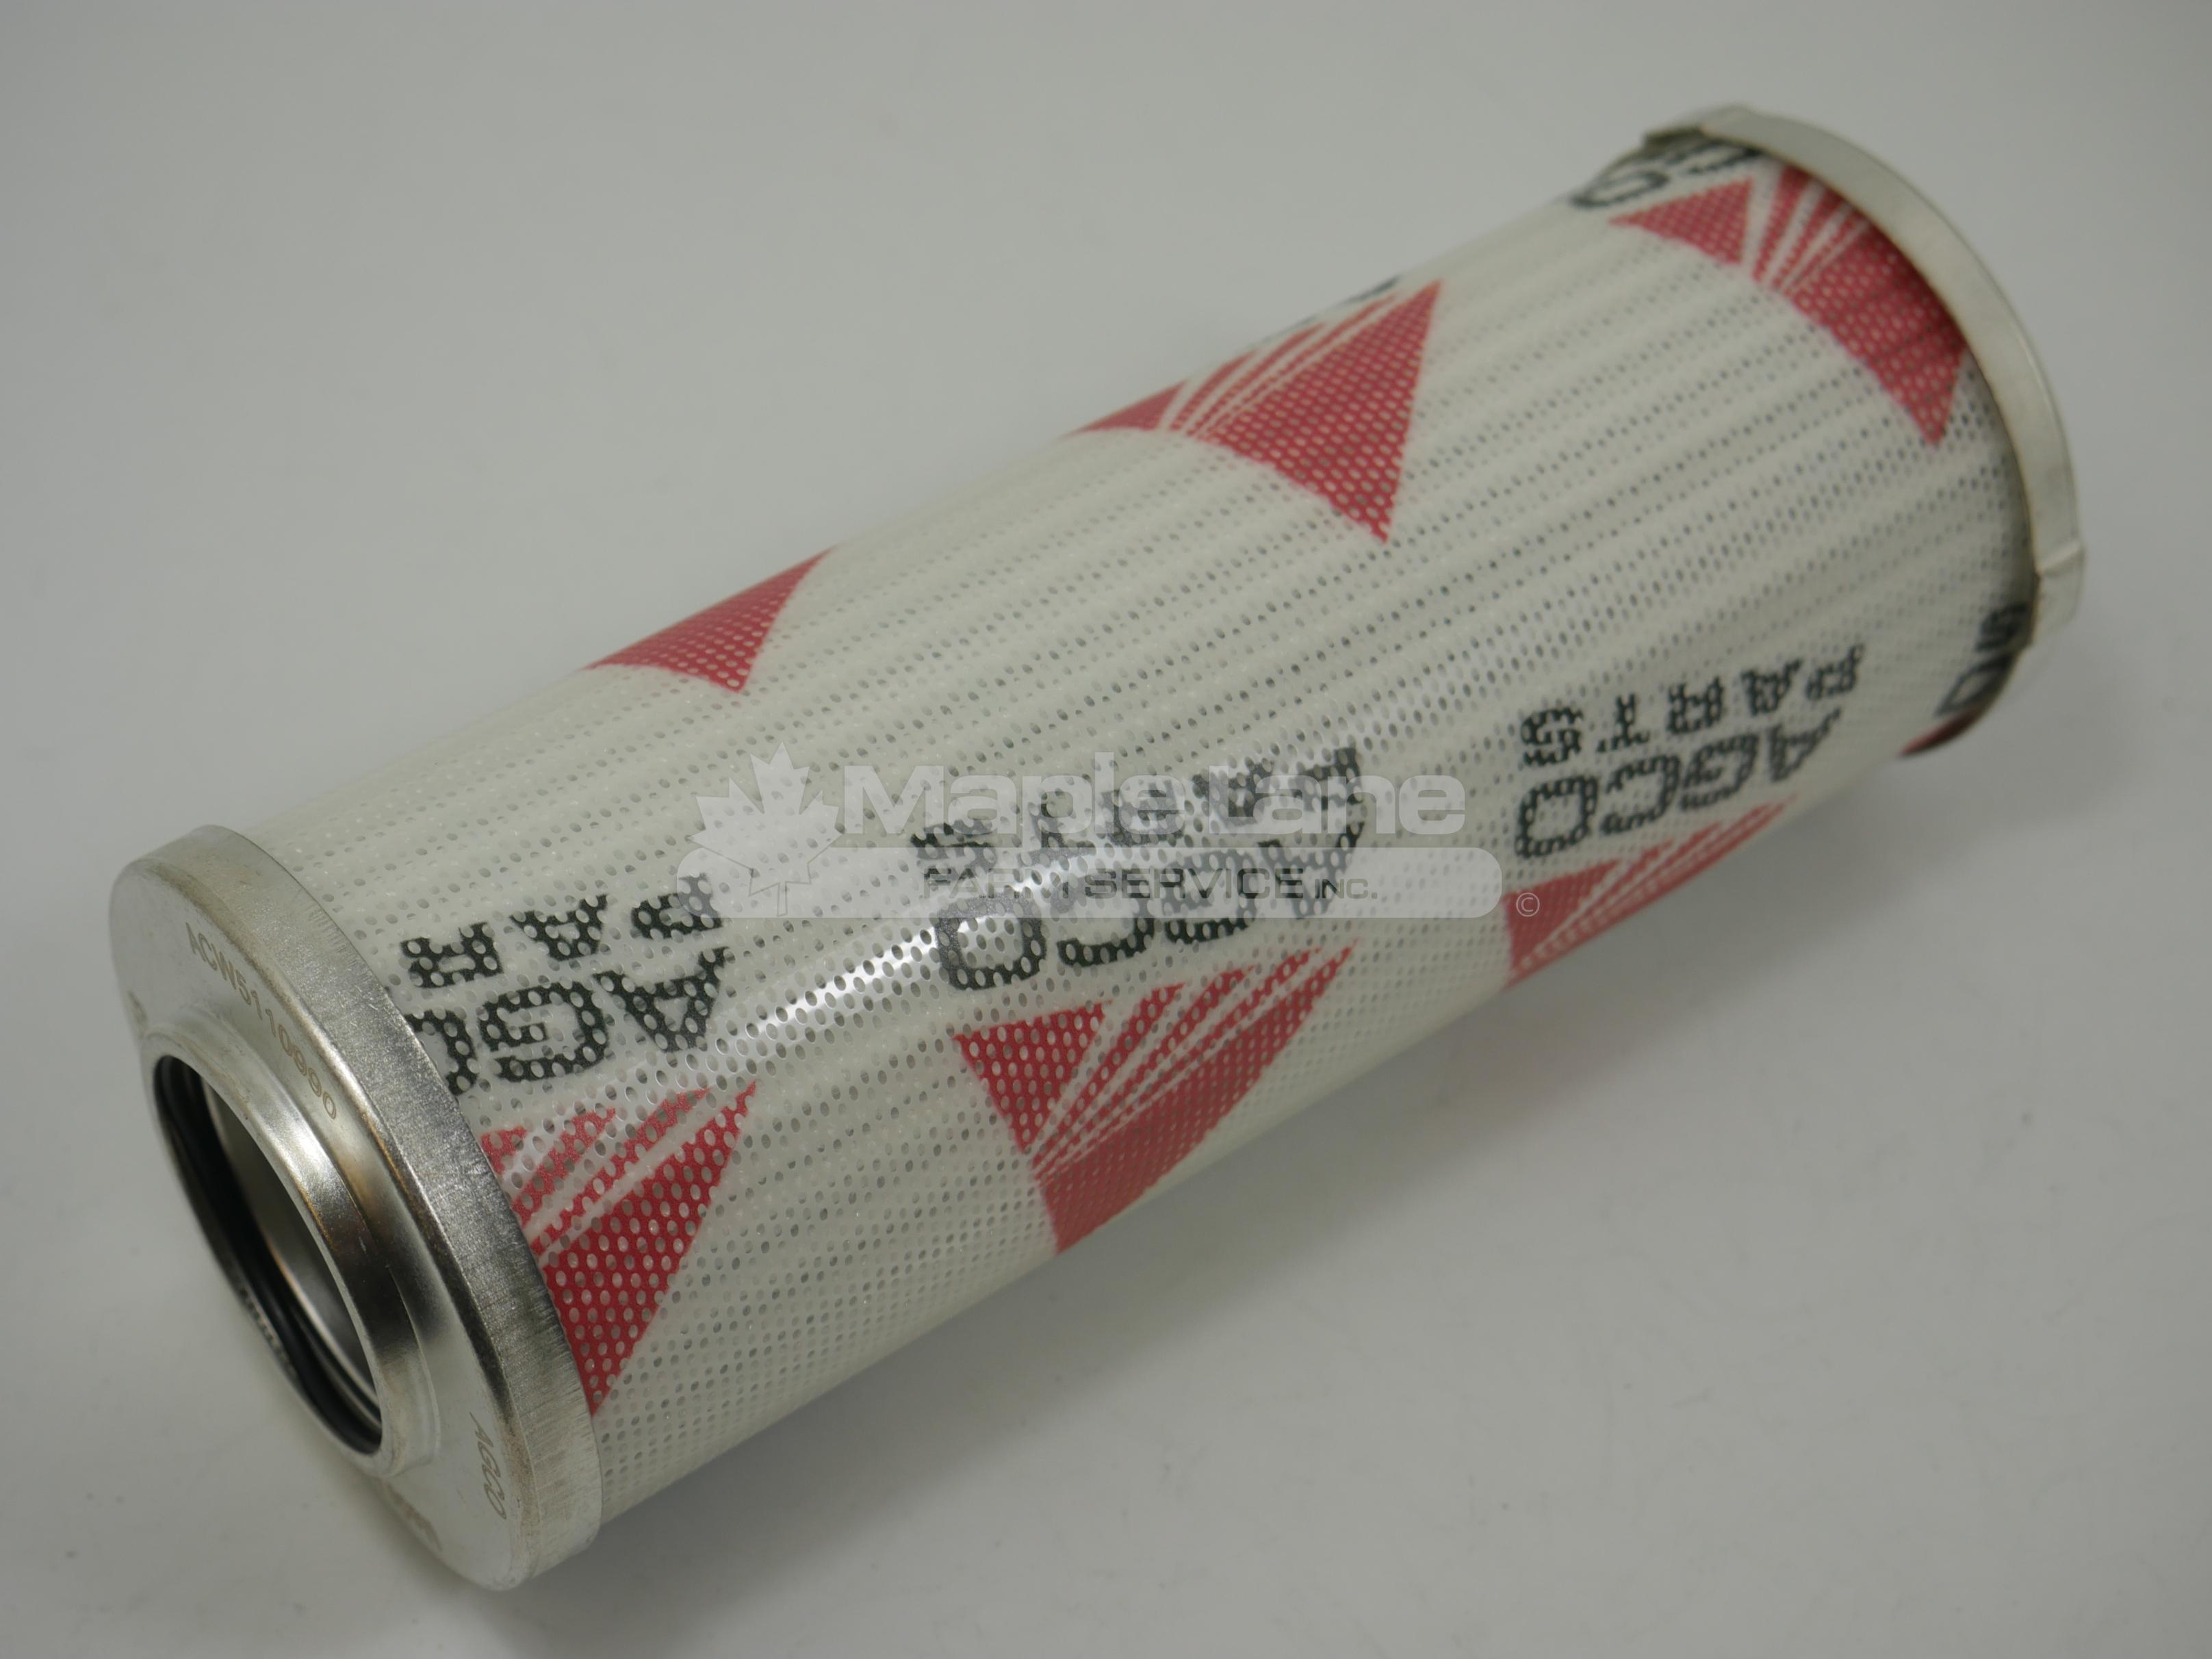 ACW5110990 Hydraulic Filter Element